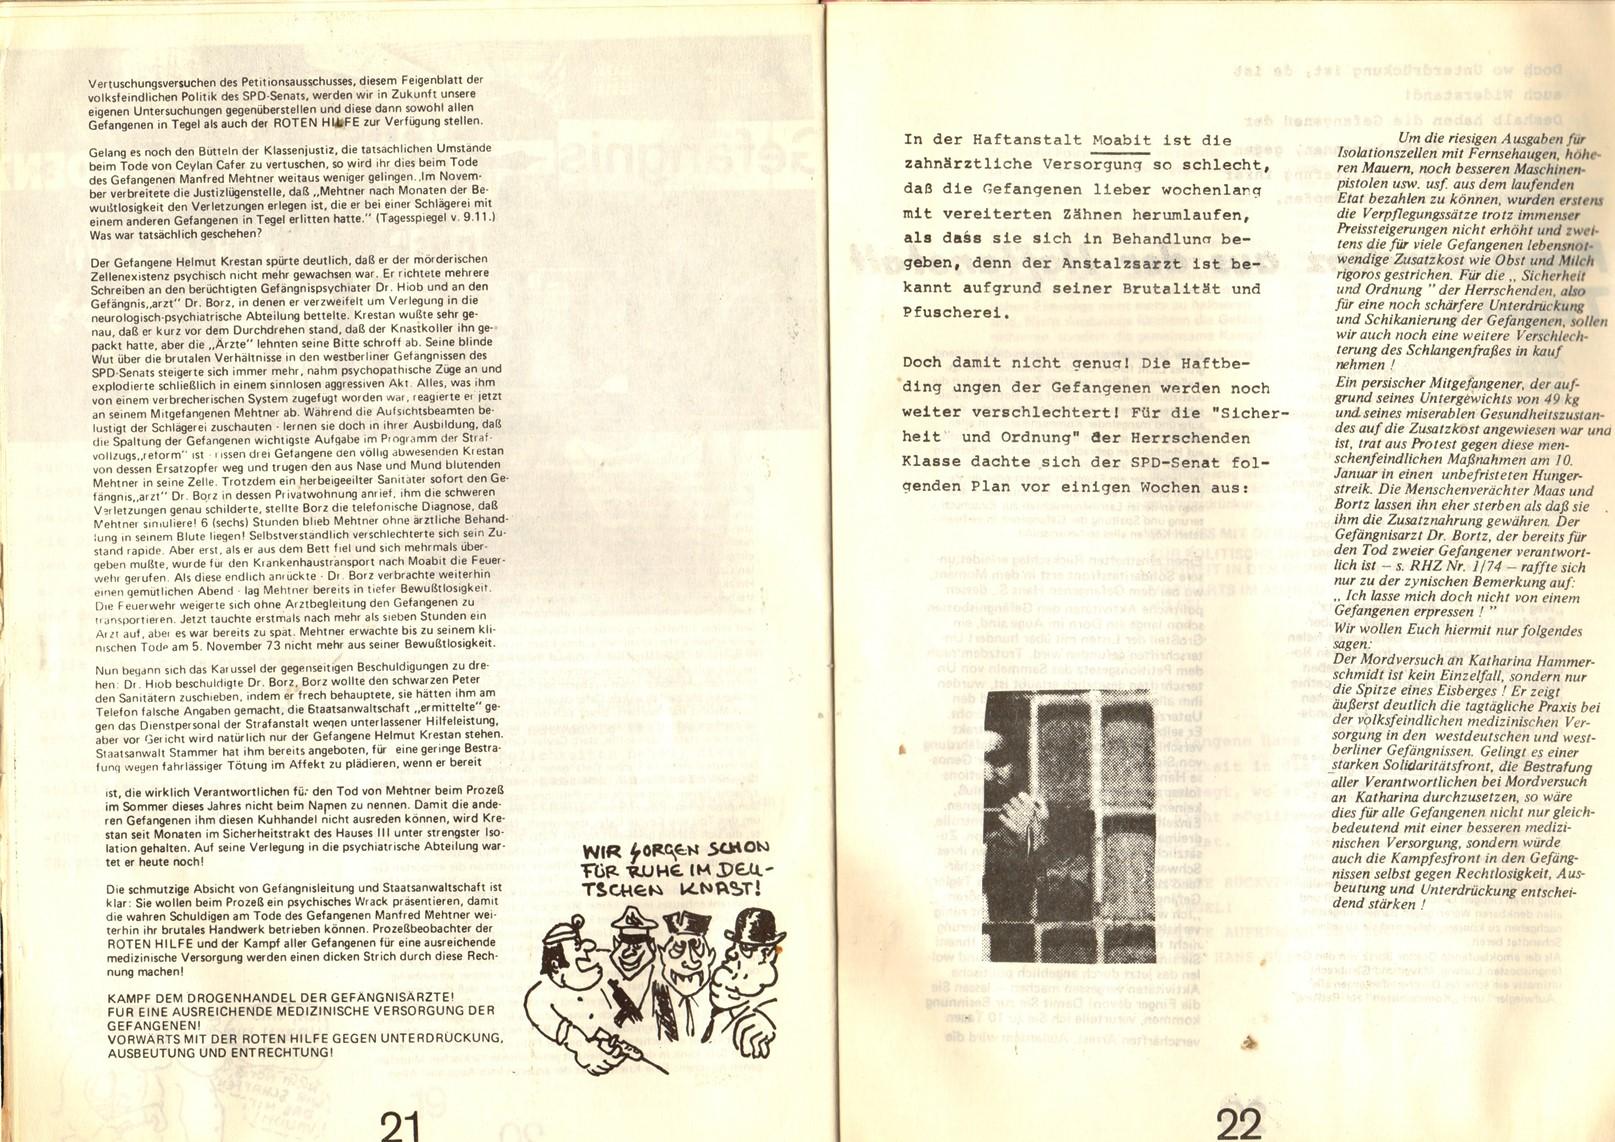 Berlin_RHeV_1974_Schluss_mit_der_Isolationsfolter_12